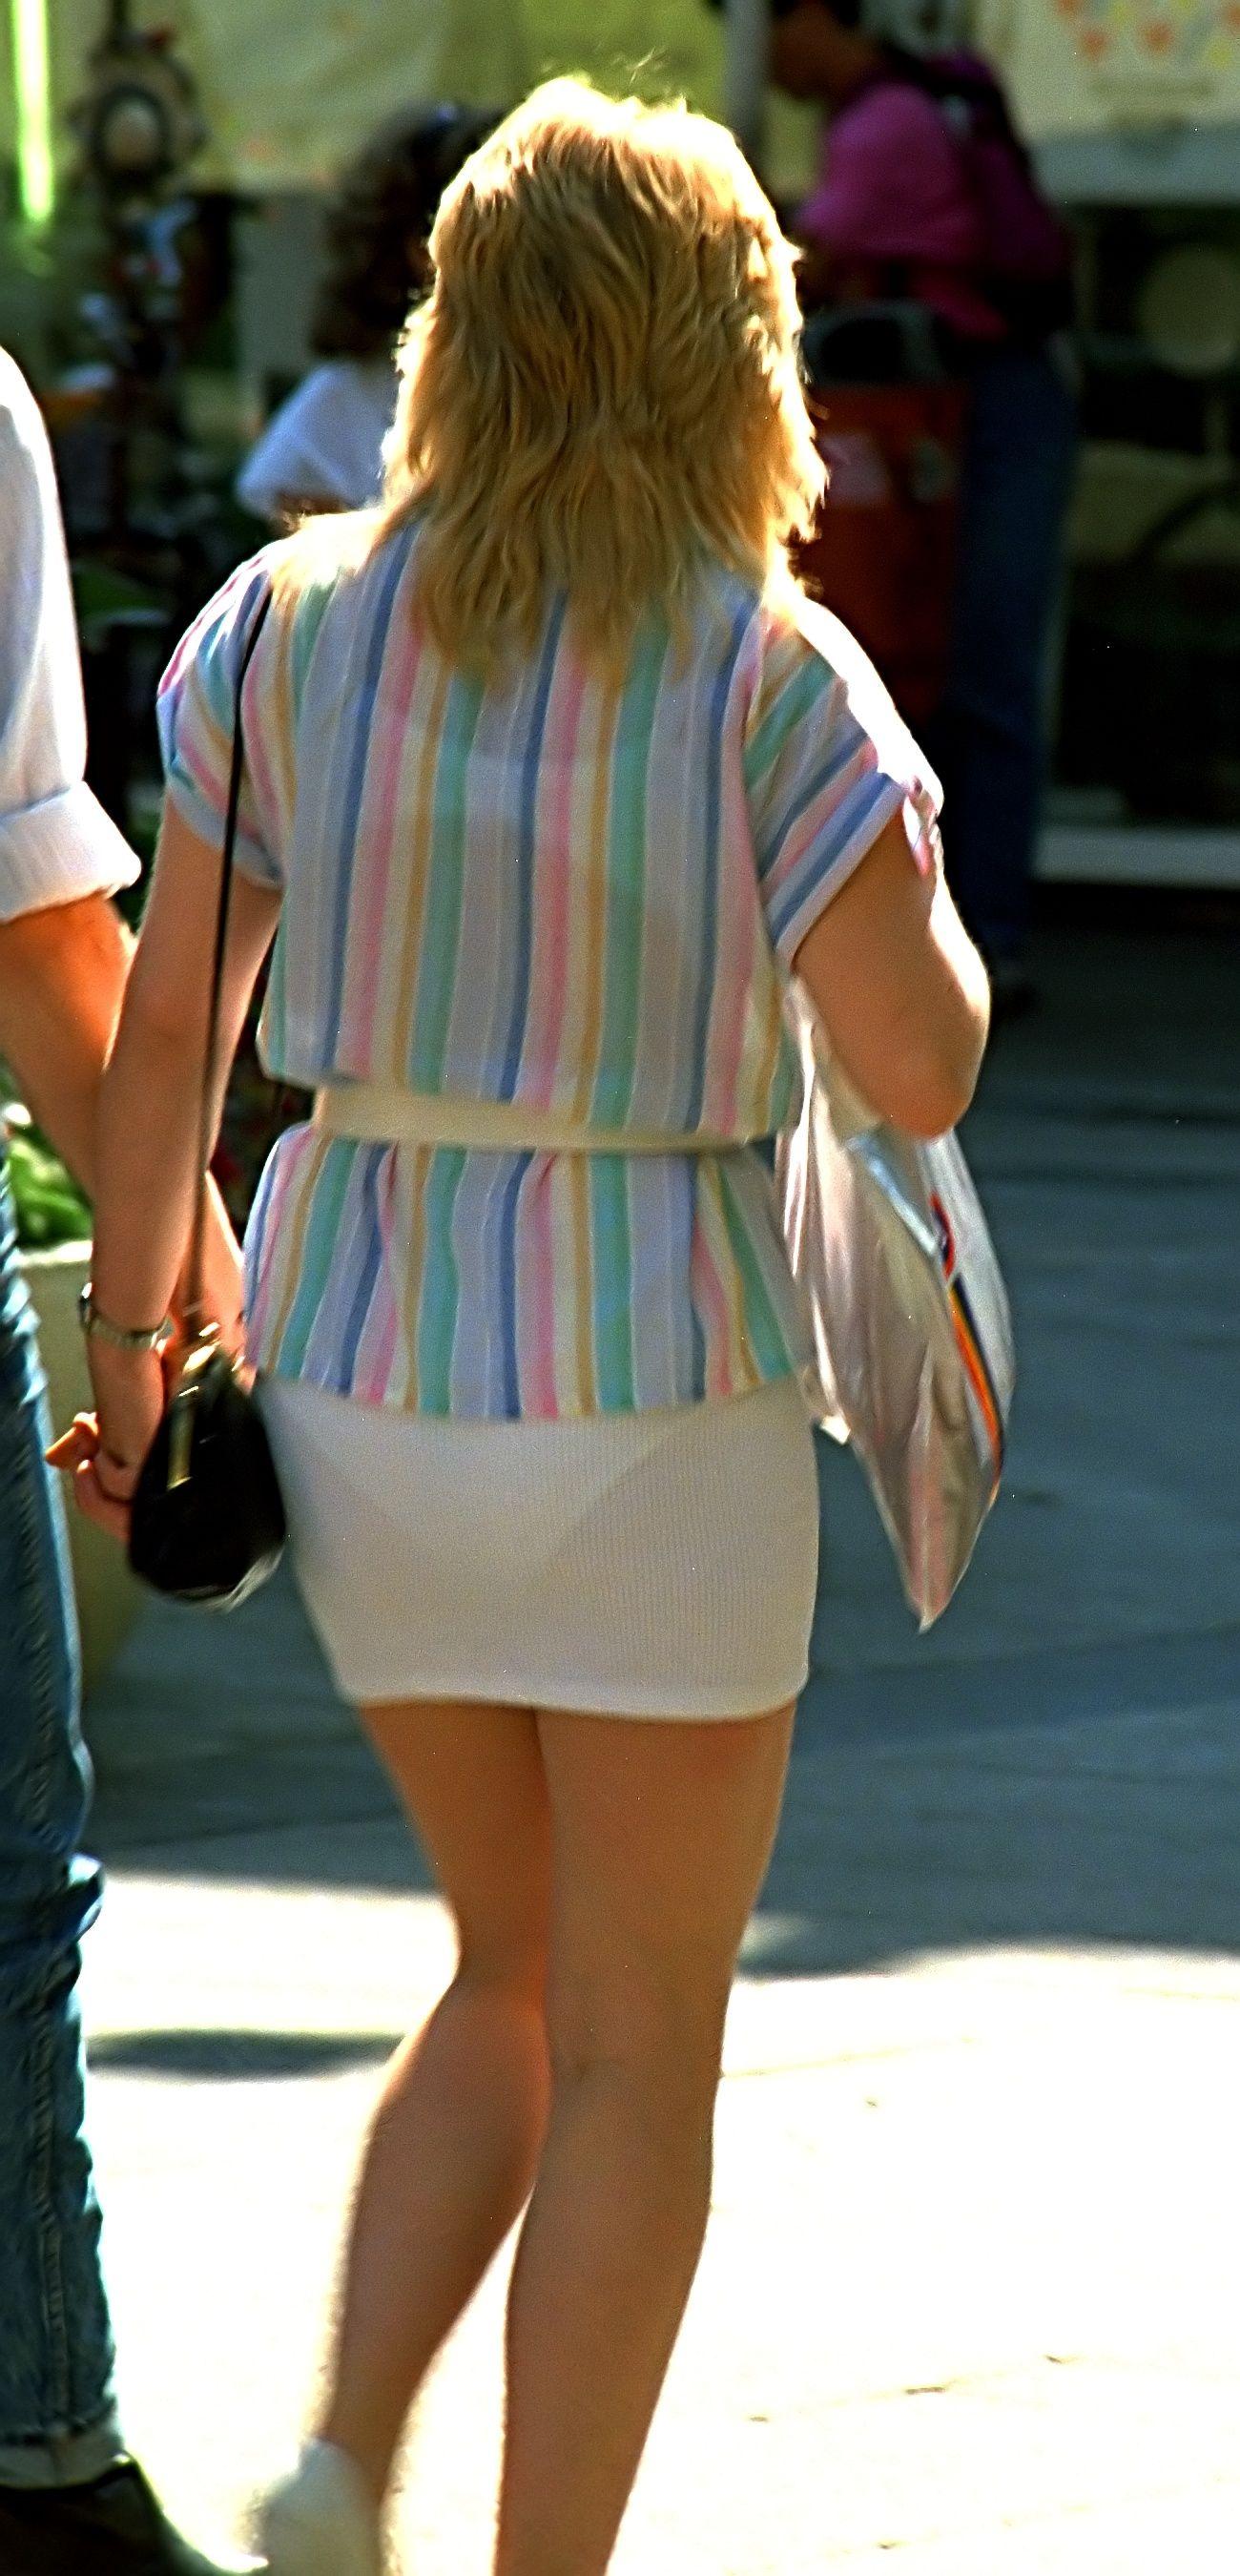 Трусики на девушках сквозь одежду